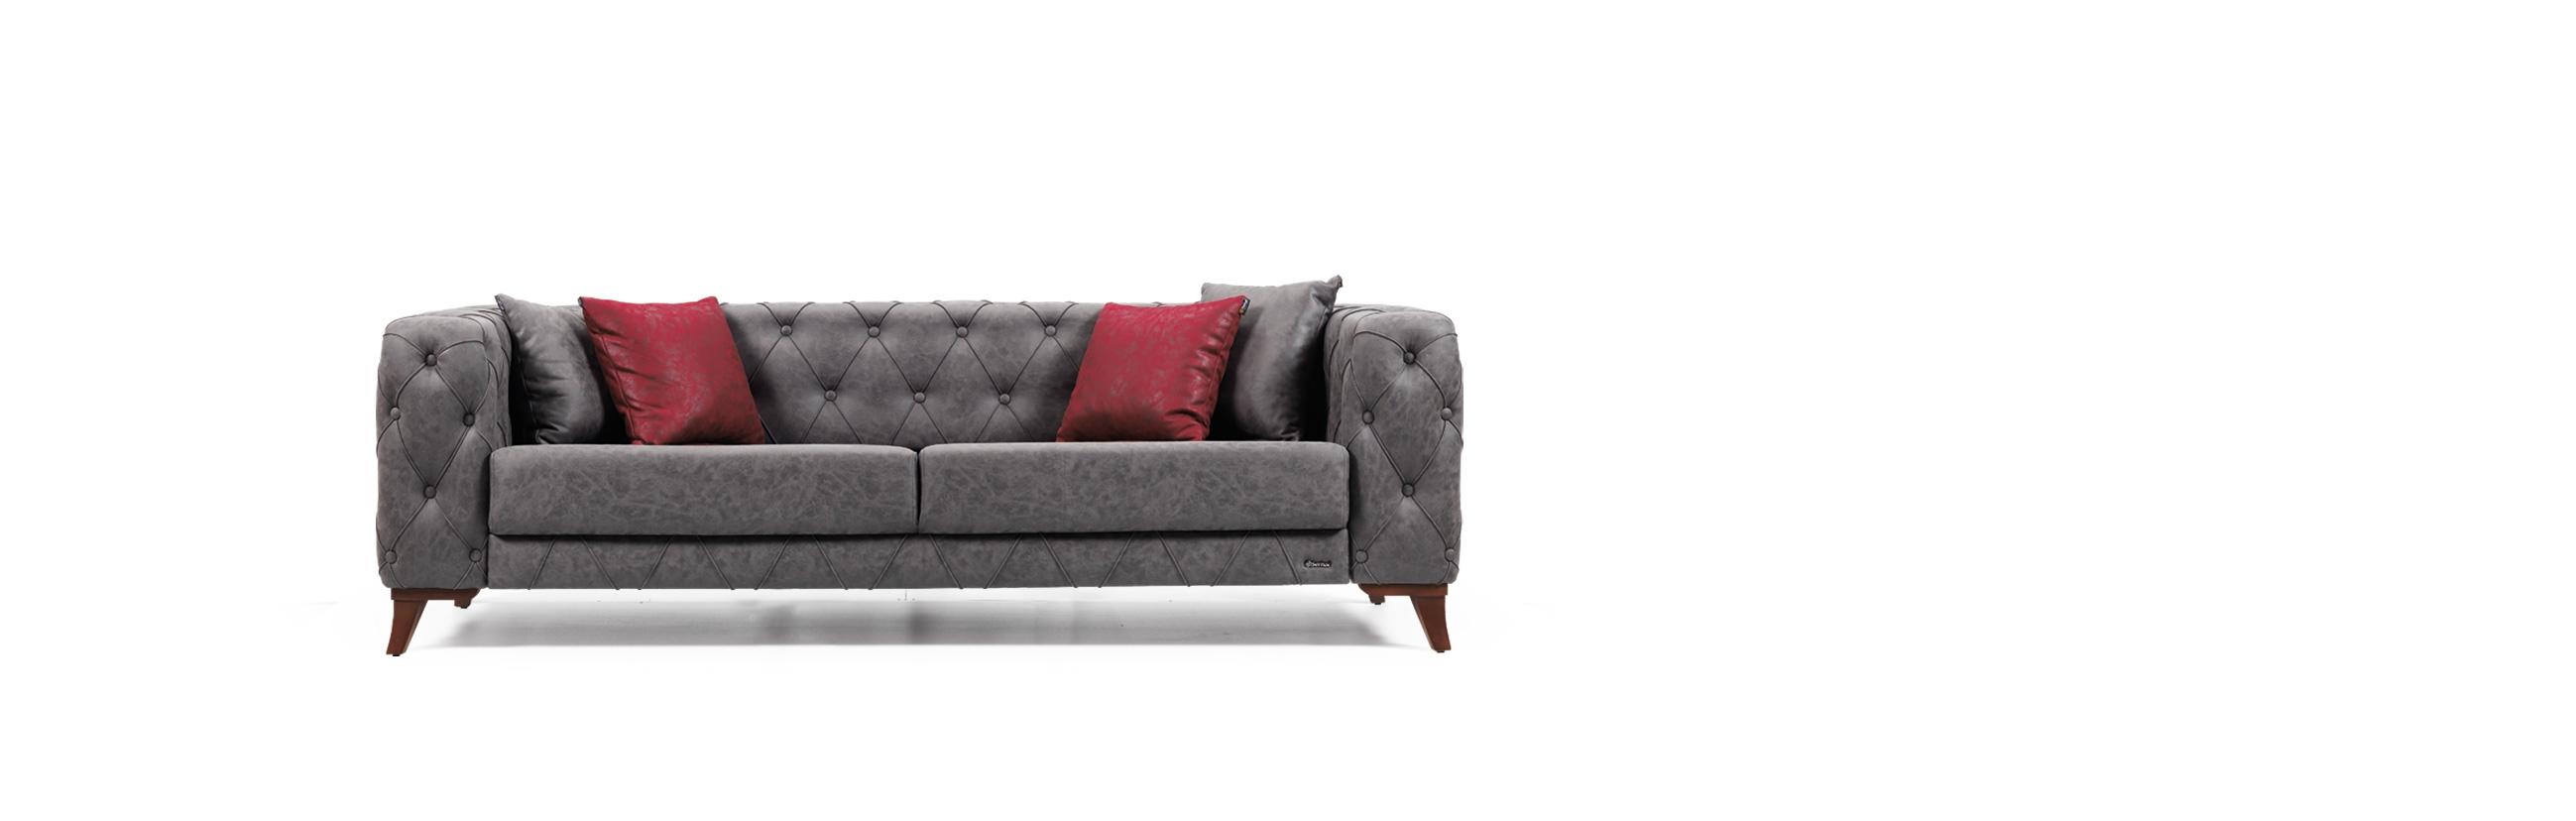 Canapea fixa 3 locuri Cosmos Grey K2